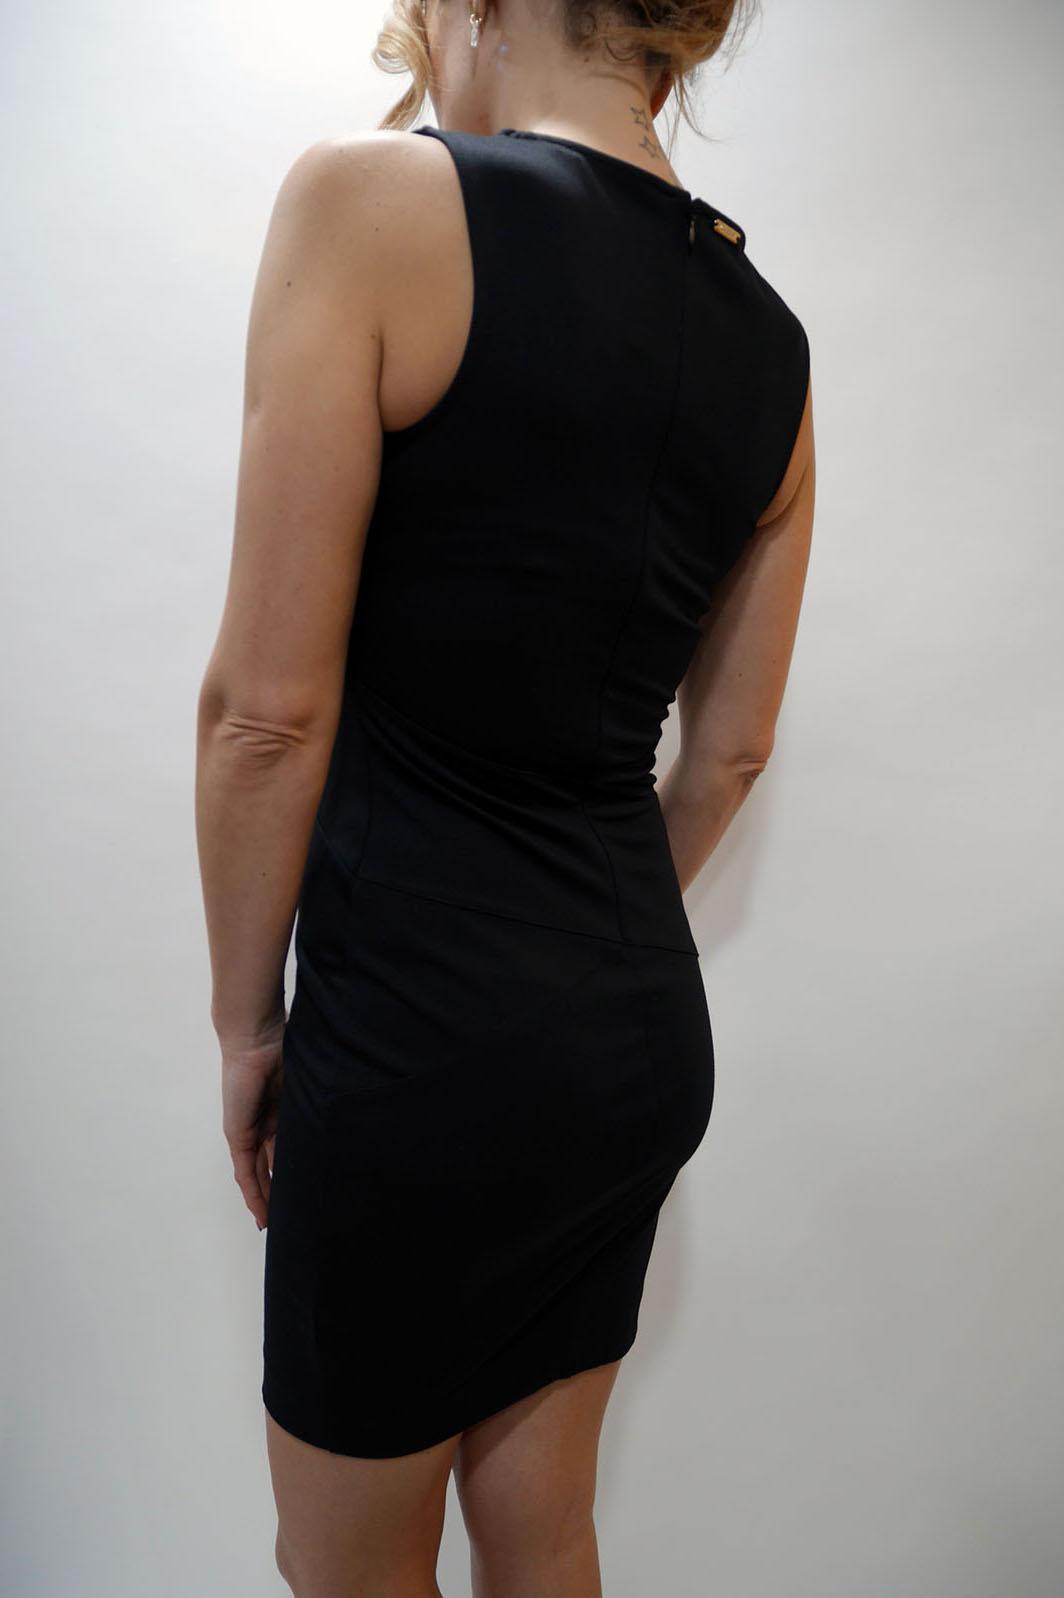 W91K56K86U0 ANNALISA DRESS 4